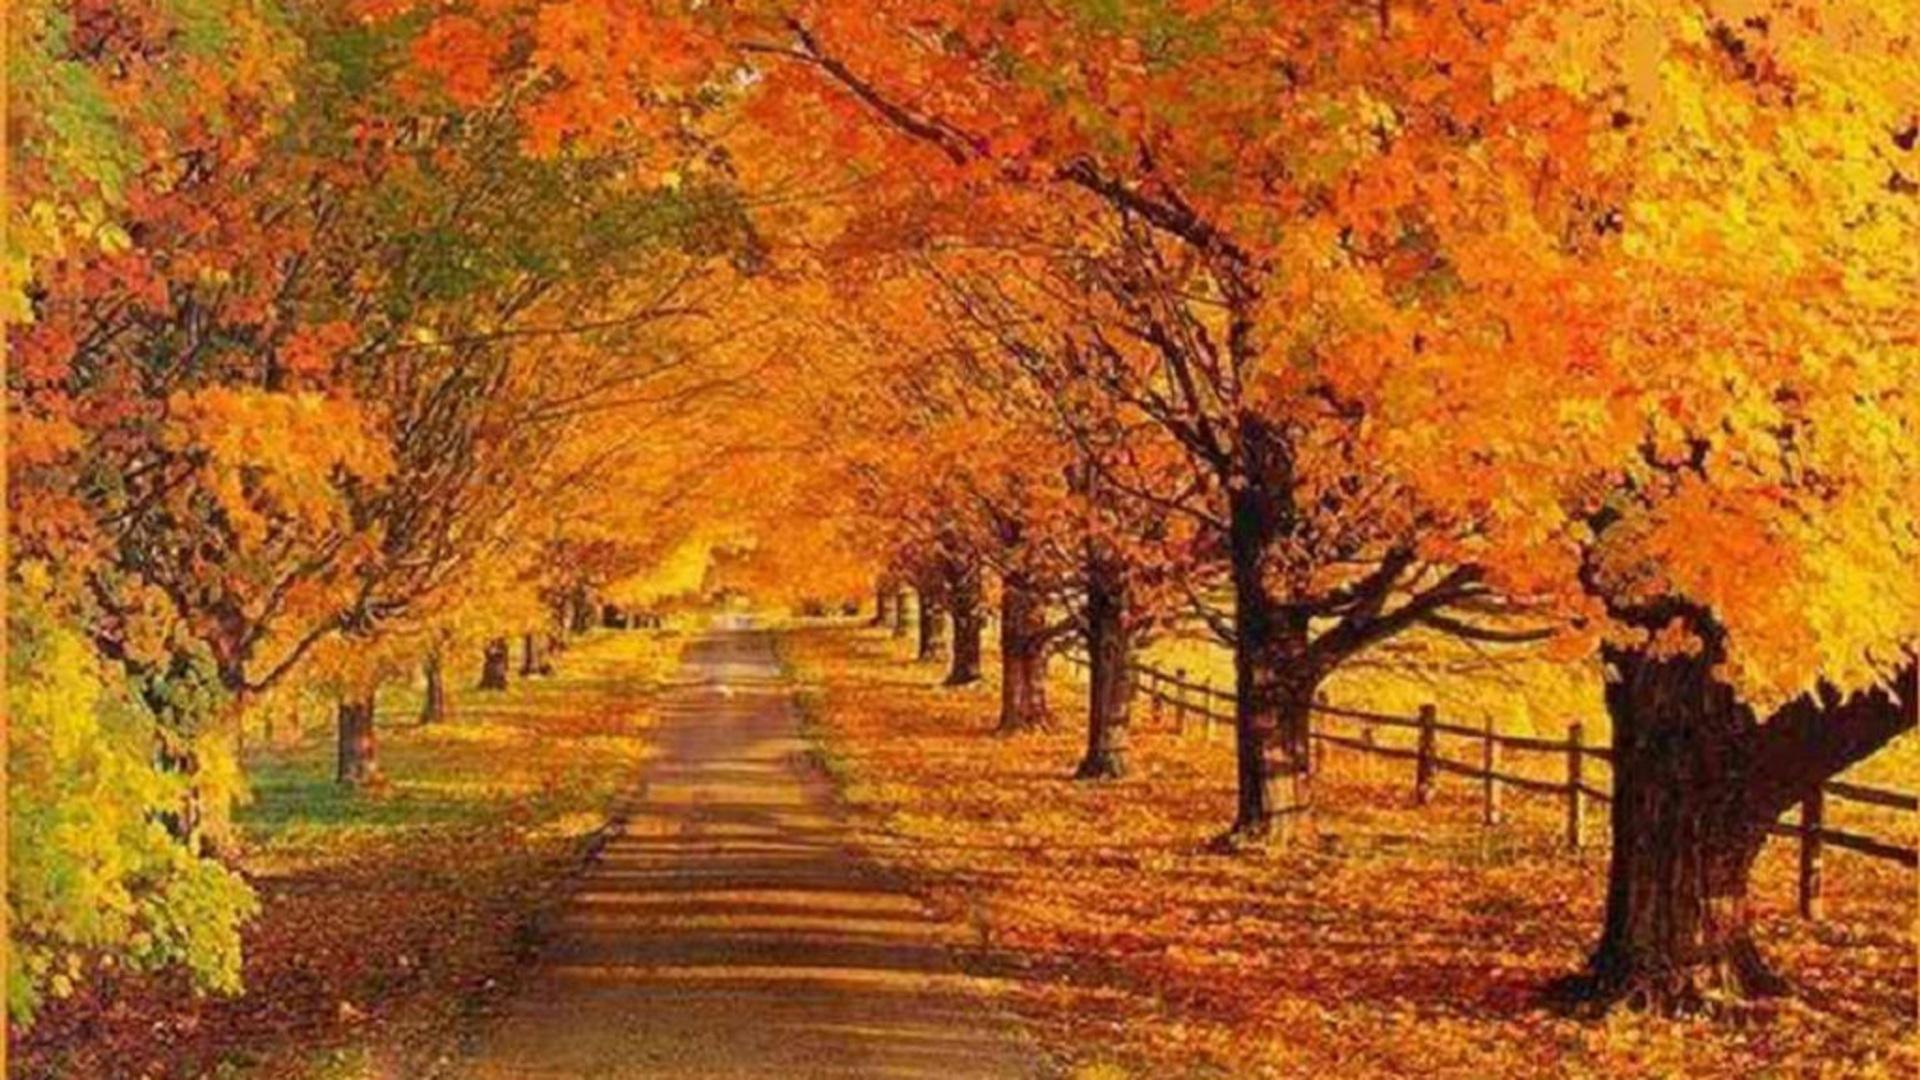 Autumn Scenes Wallpaper Landscapes - WallpaperSafari